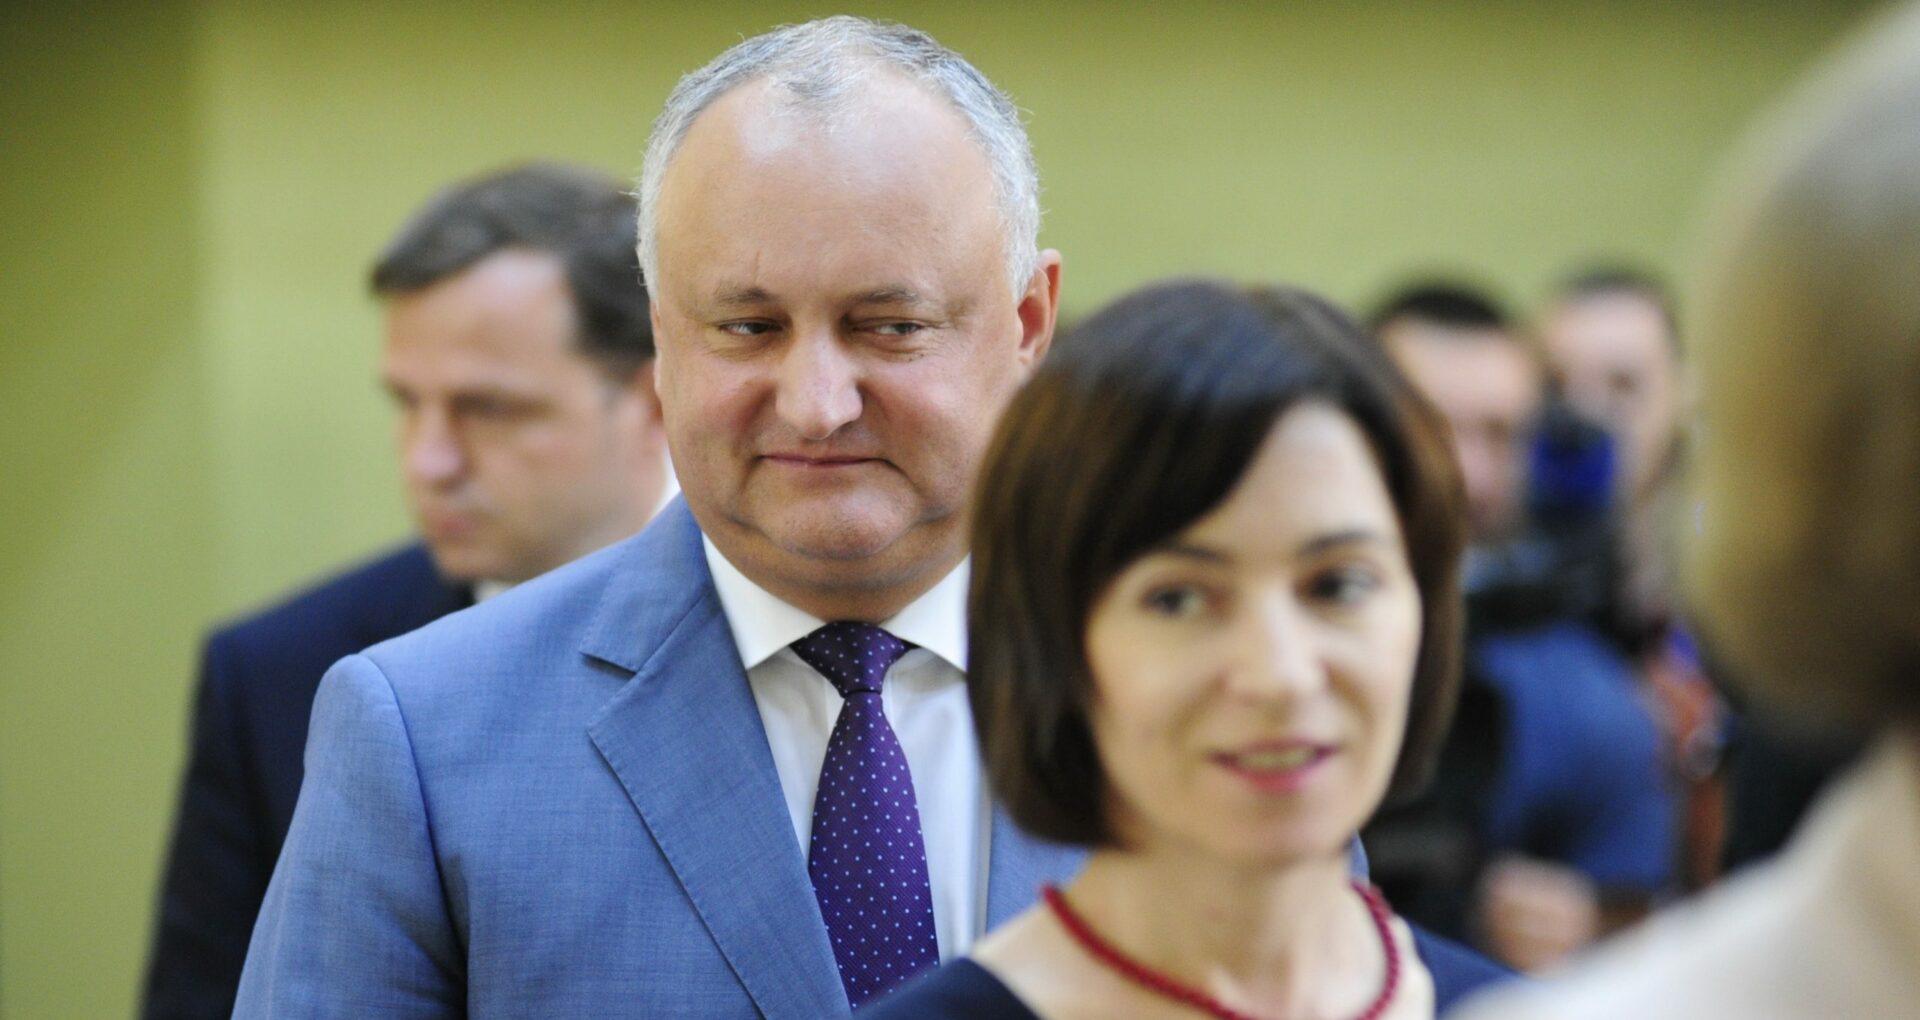 DOC/ Cererea de chemare în judecată depusă de Igor Dodon împotriva Maiei Sandu, trimisă la rejudecare la Judecătoria Chișinău